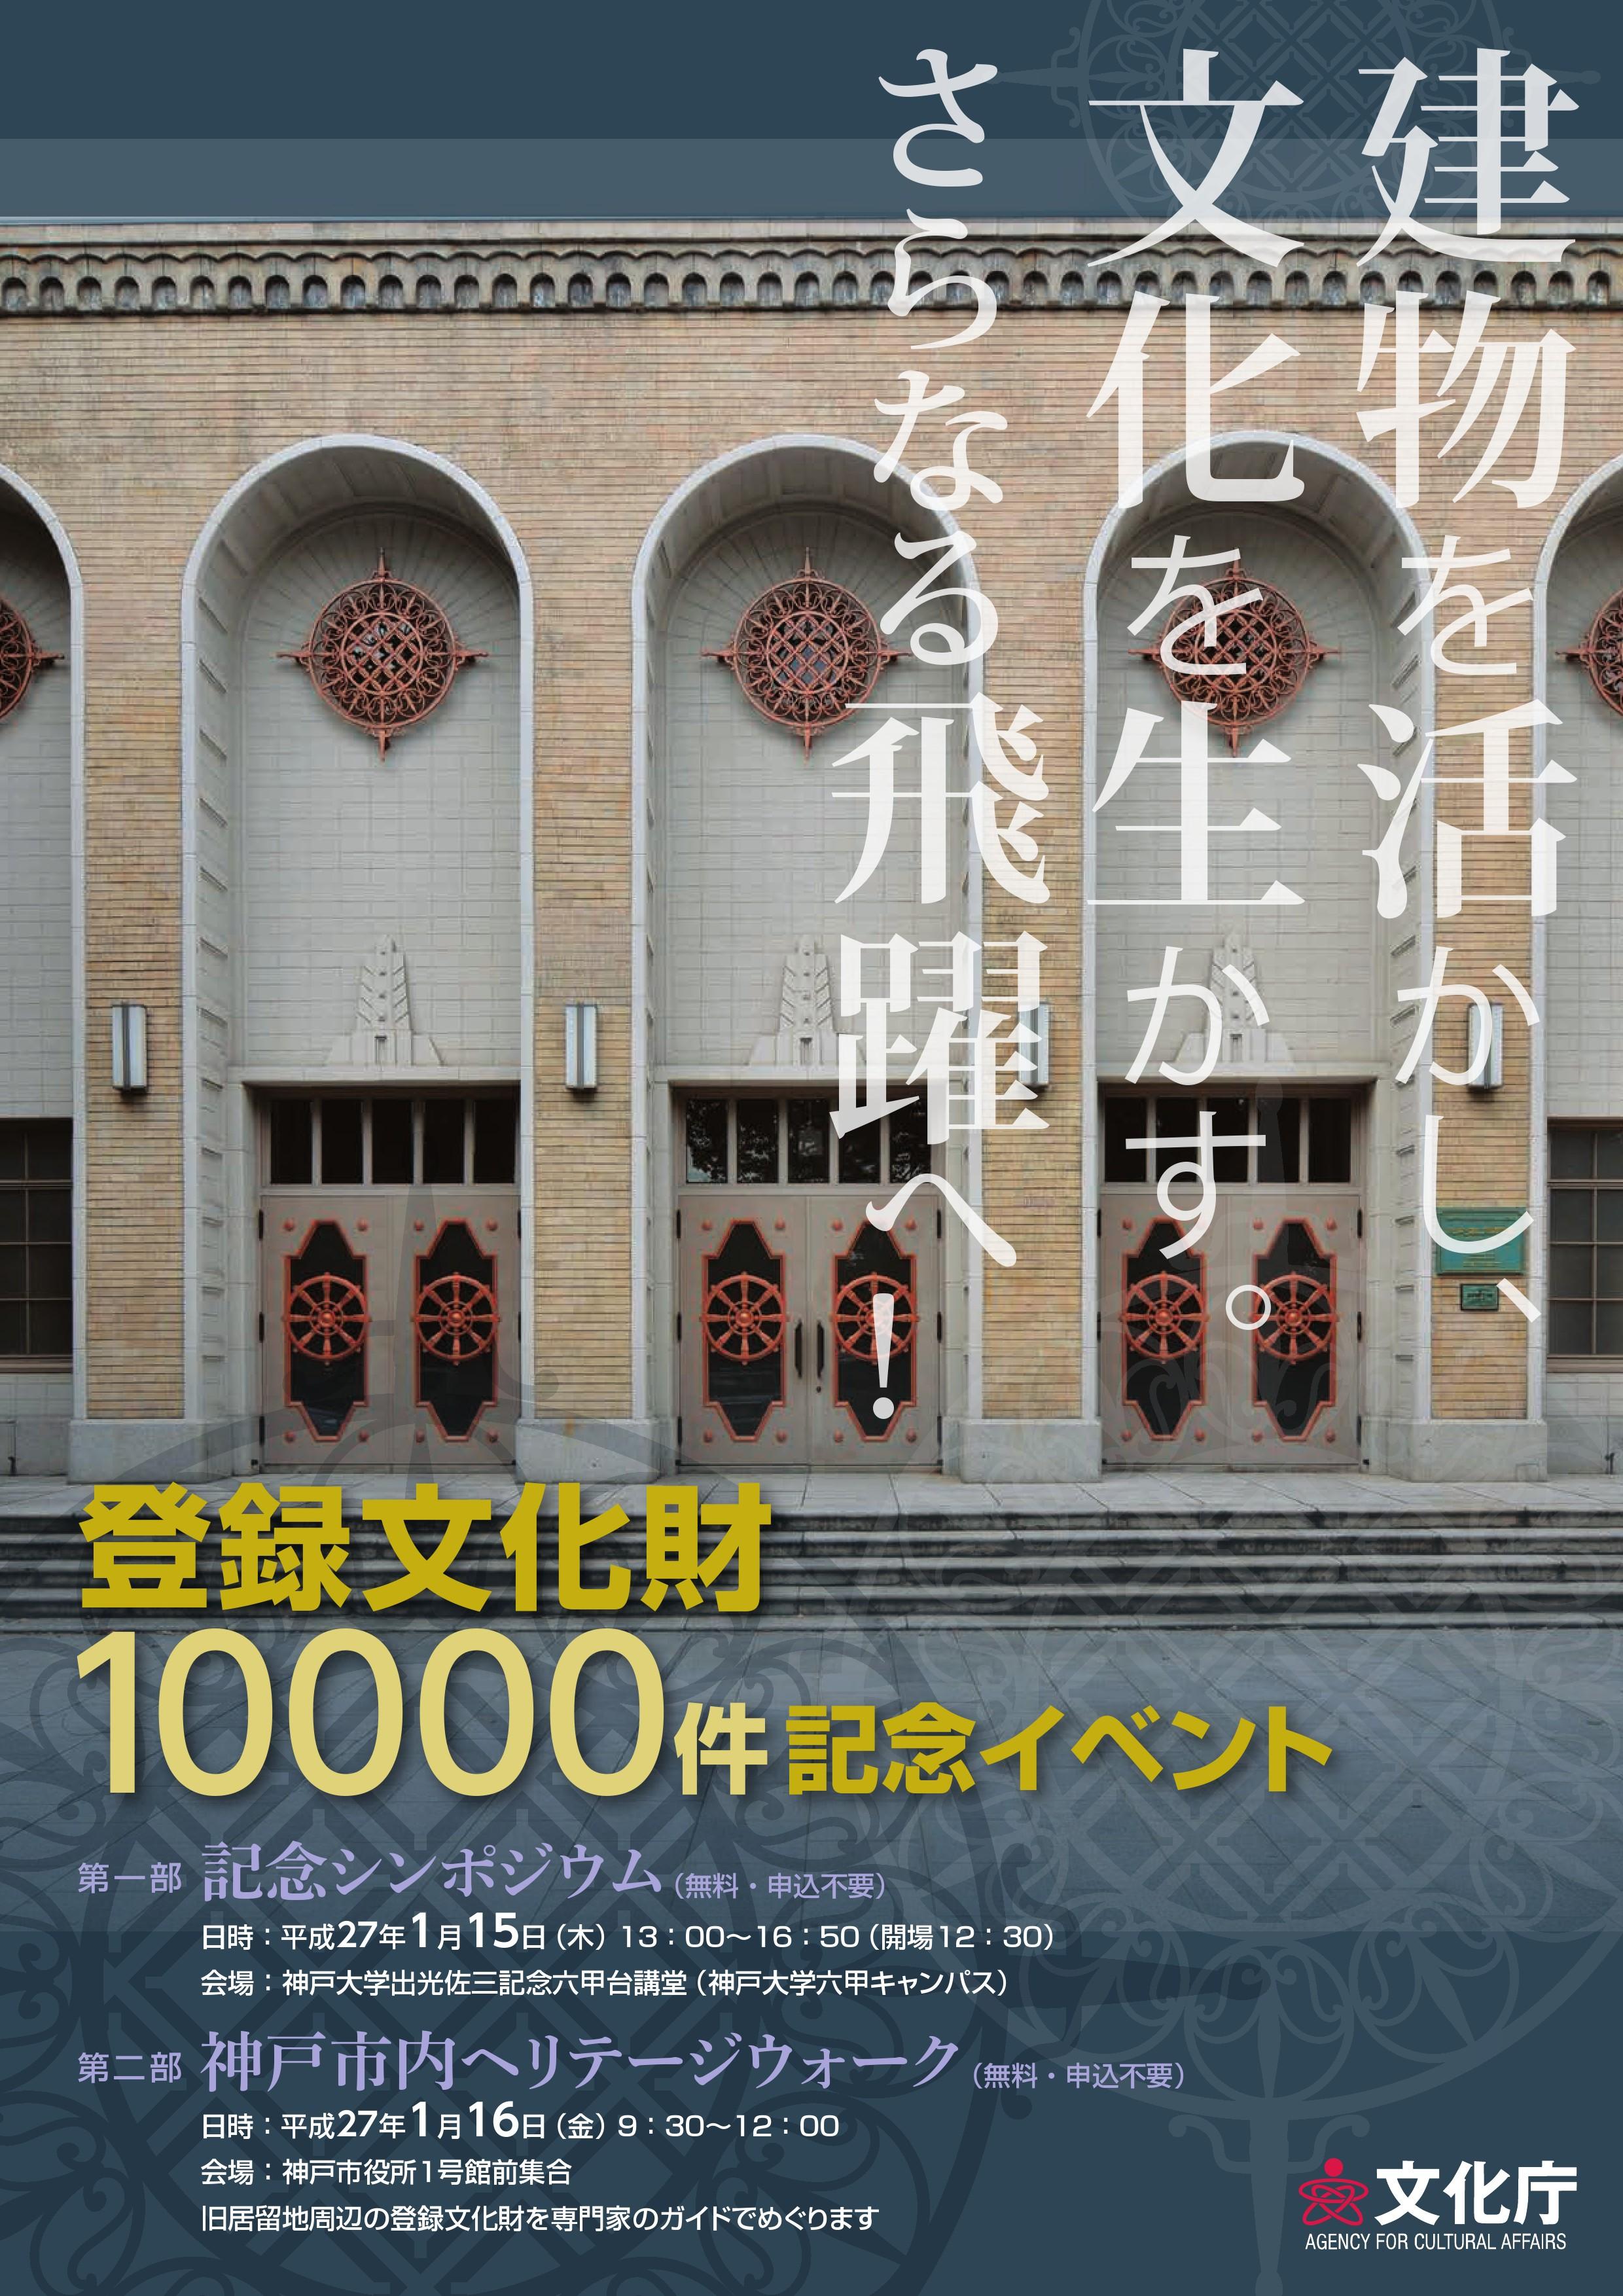 「登録有形文化財(建造物)10000件記念イベント」